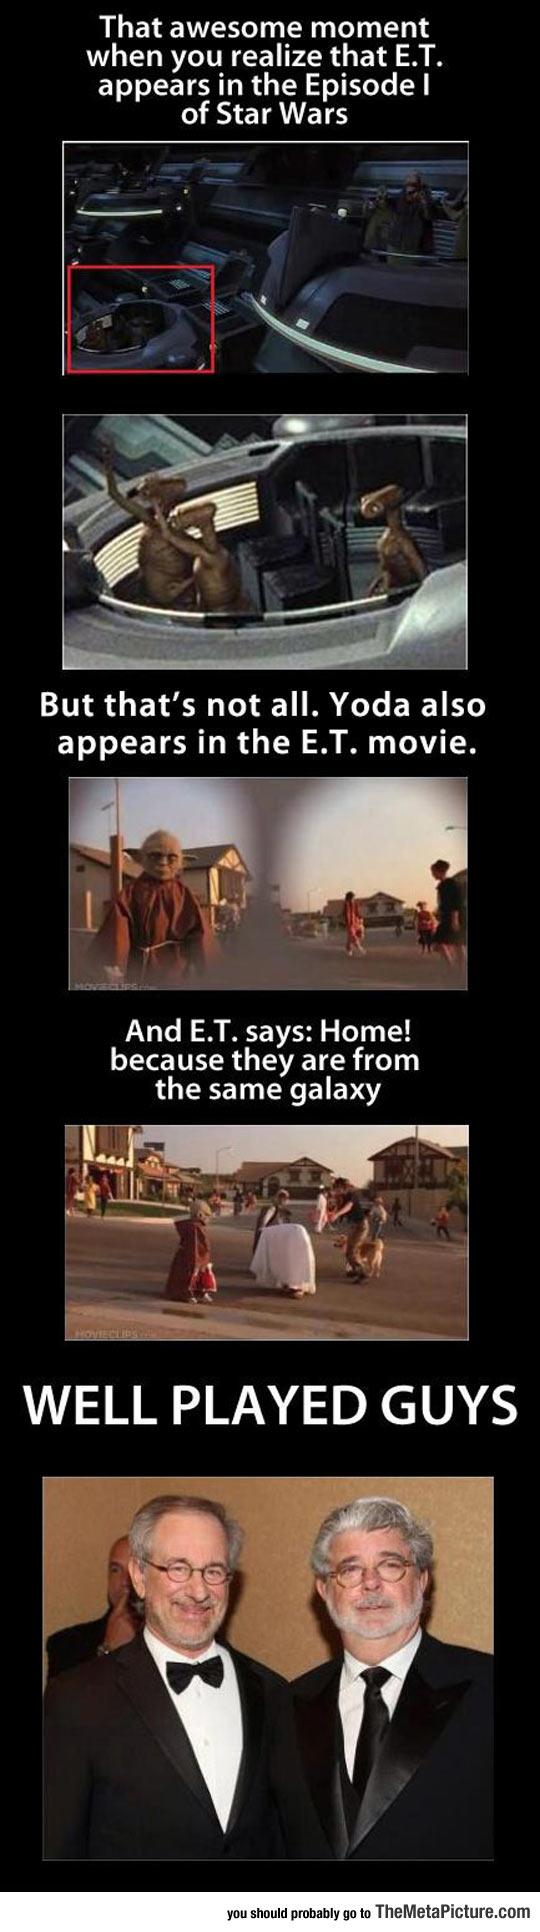 Epic Cameo Appearances